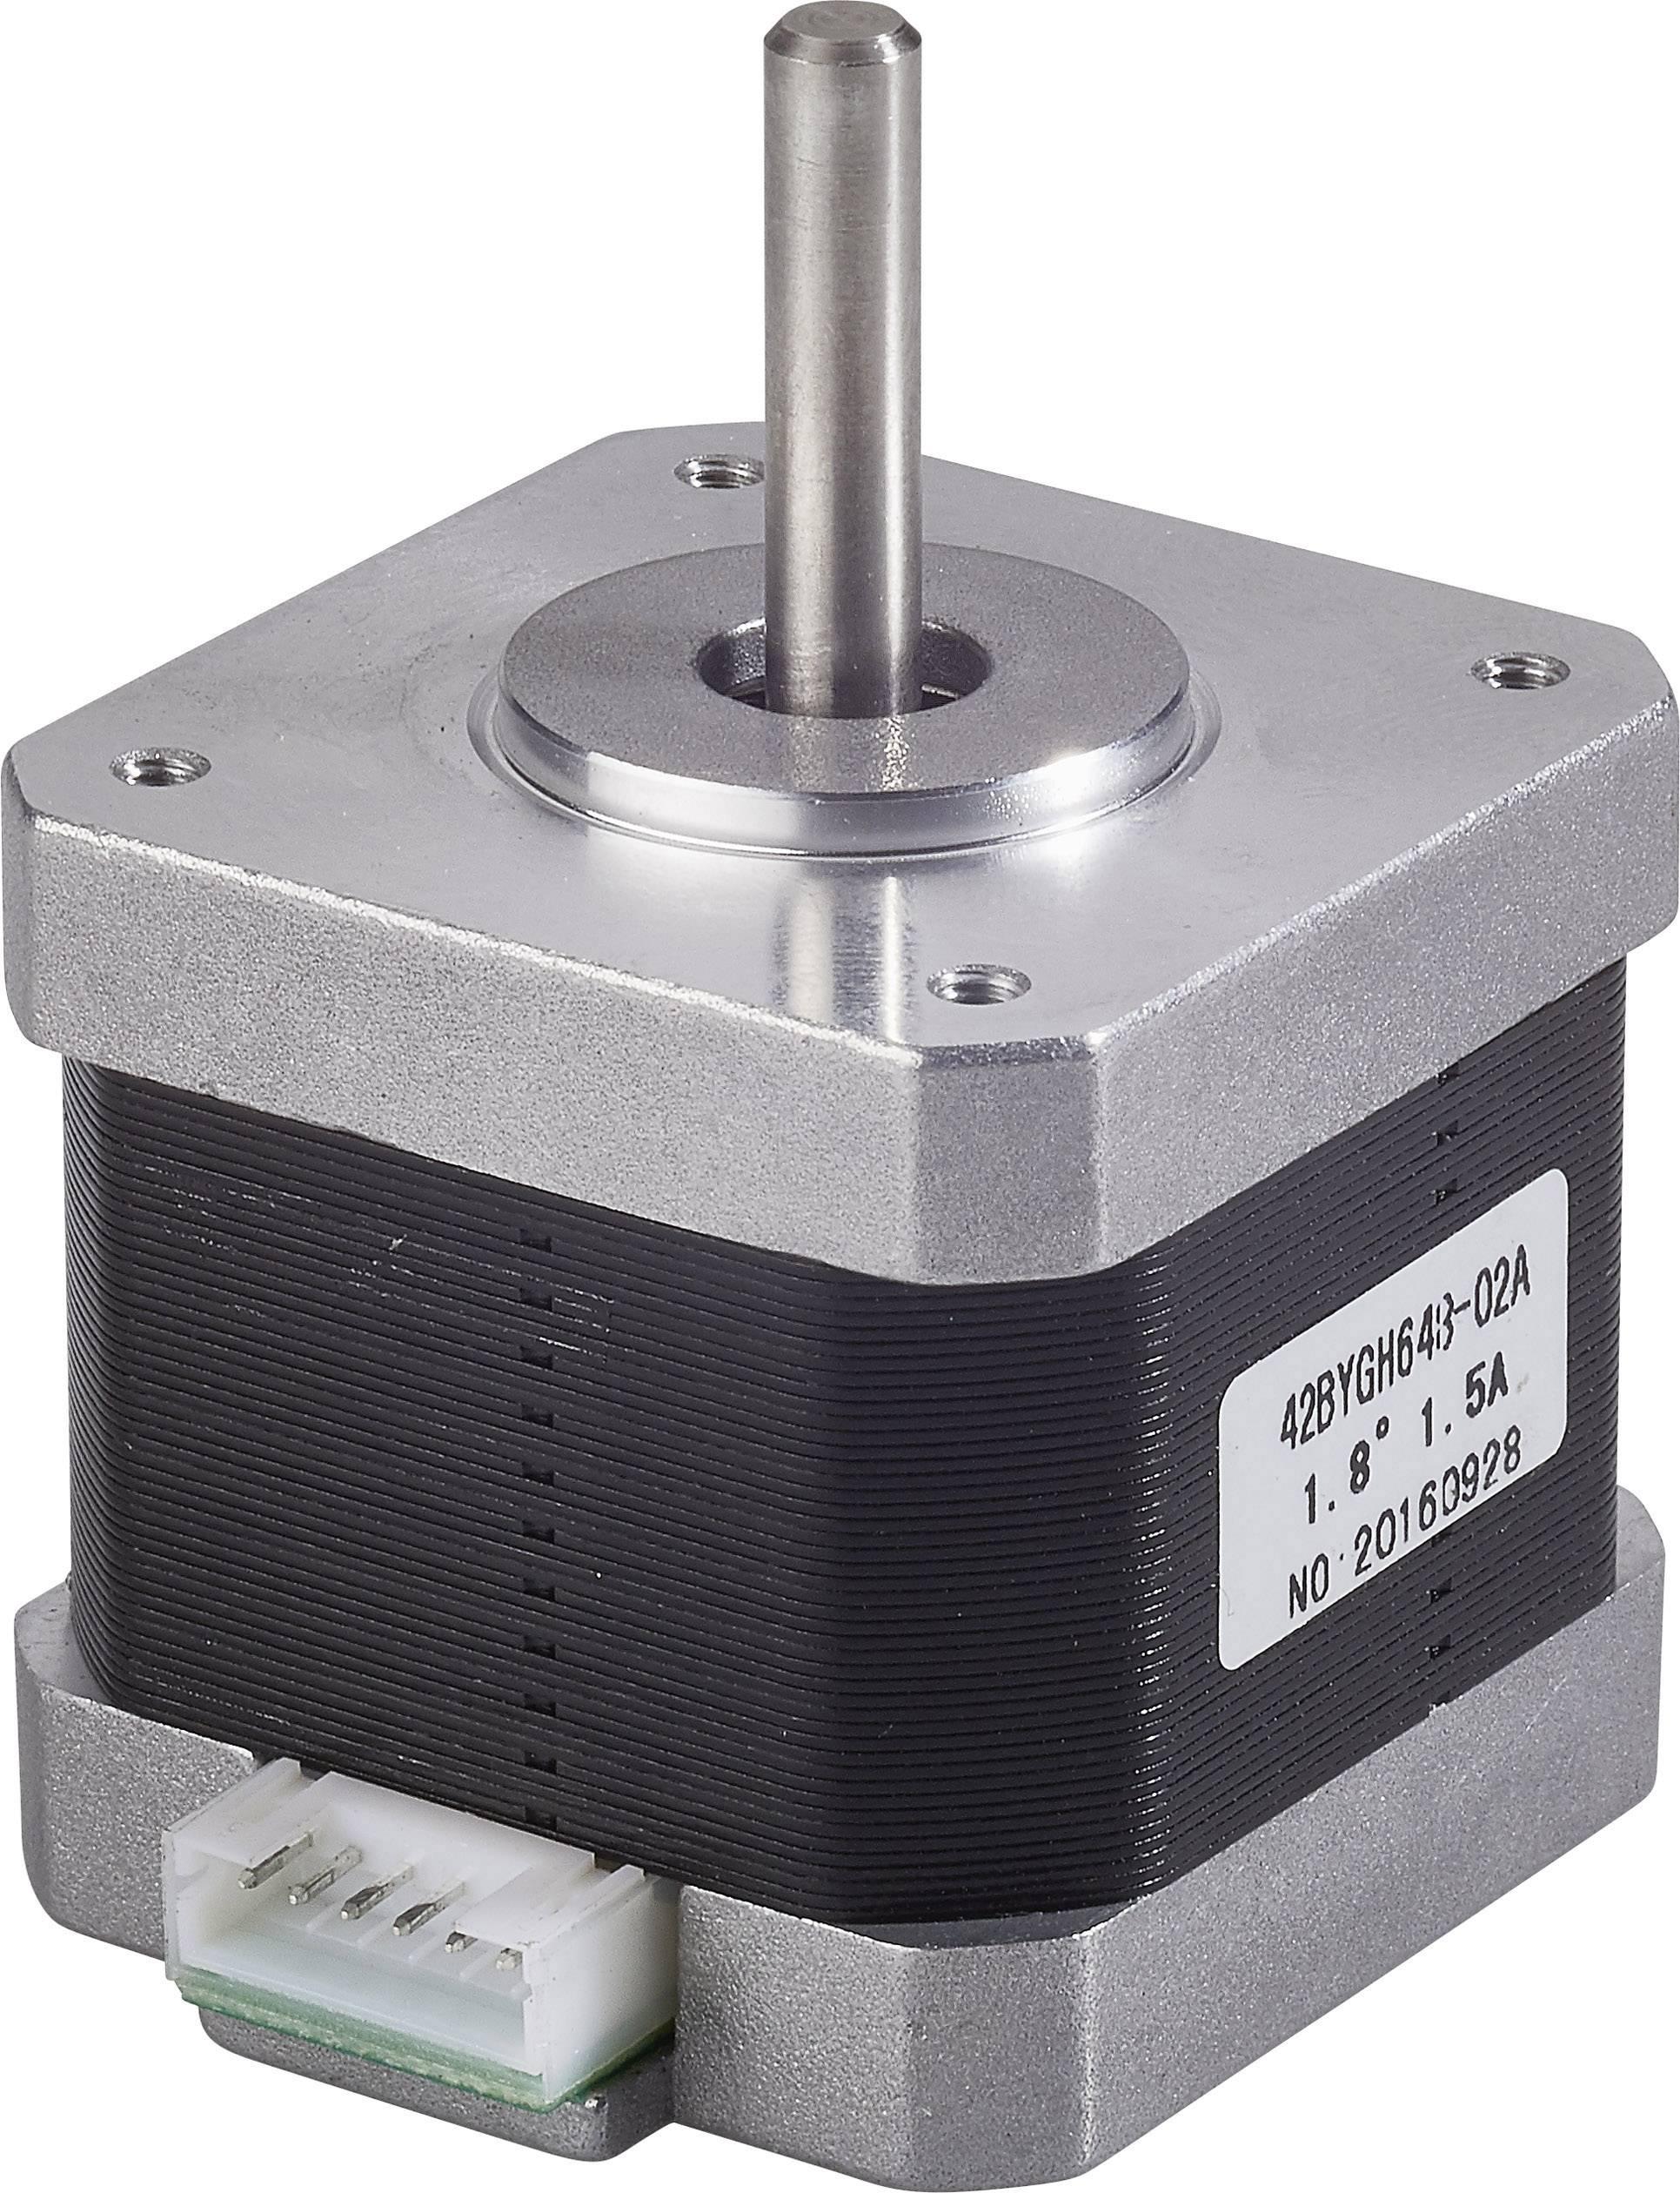 Krokový motor pro osy X a Y Vhodné pro 3D tiskárnu renkforce RF100, renkforce RF100 v2, zdokonalená verze, renkforce RF100 XL